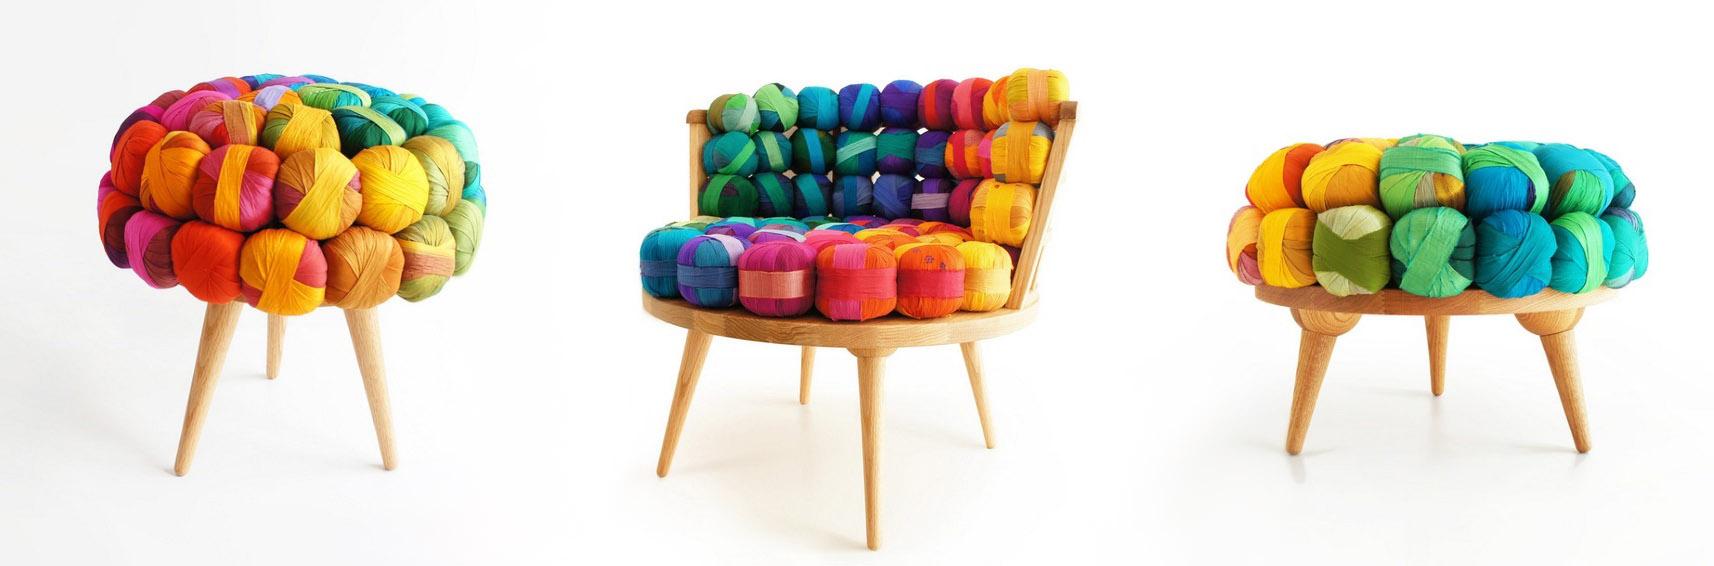 экодизайн мебель, экодизайн, экодизайн фото, стиль печворк, печворк фото, печворк мебель, мебель из мусора, реставрация старых стульев, Родриго Алонсо